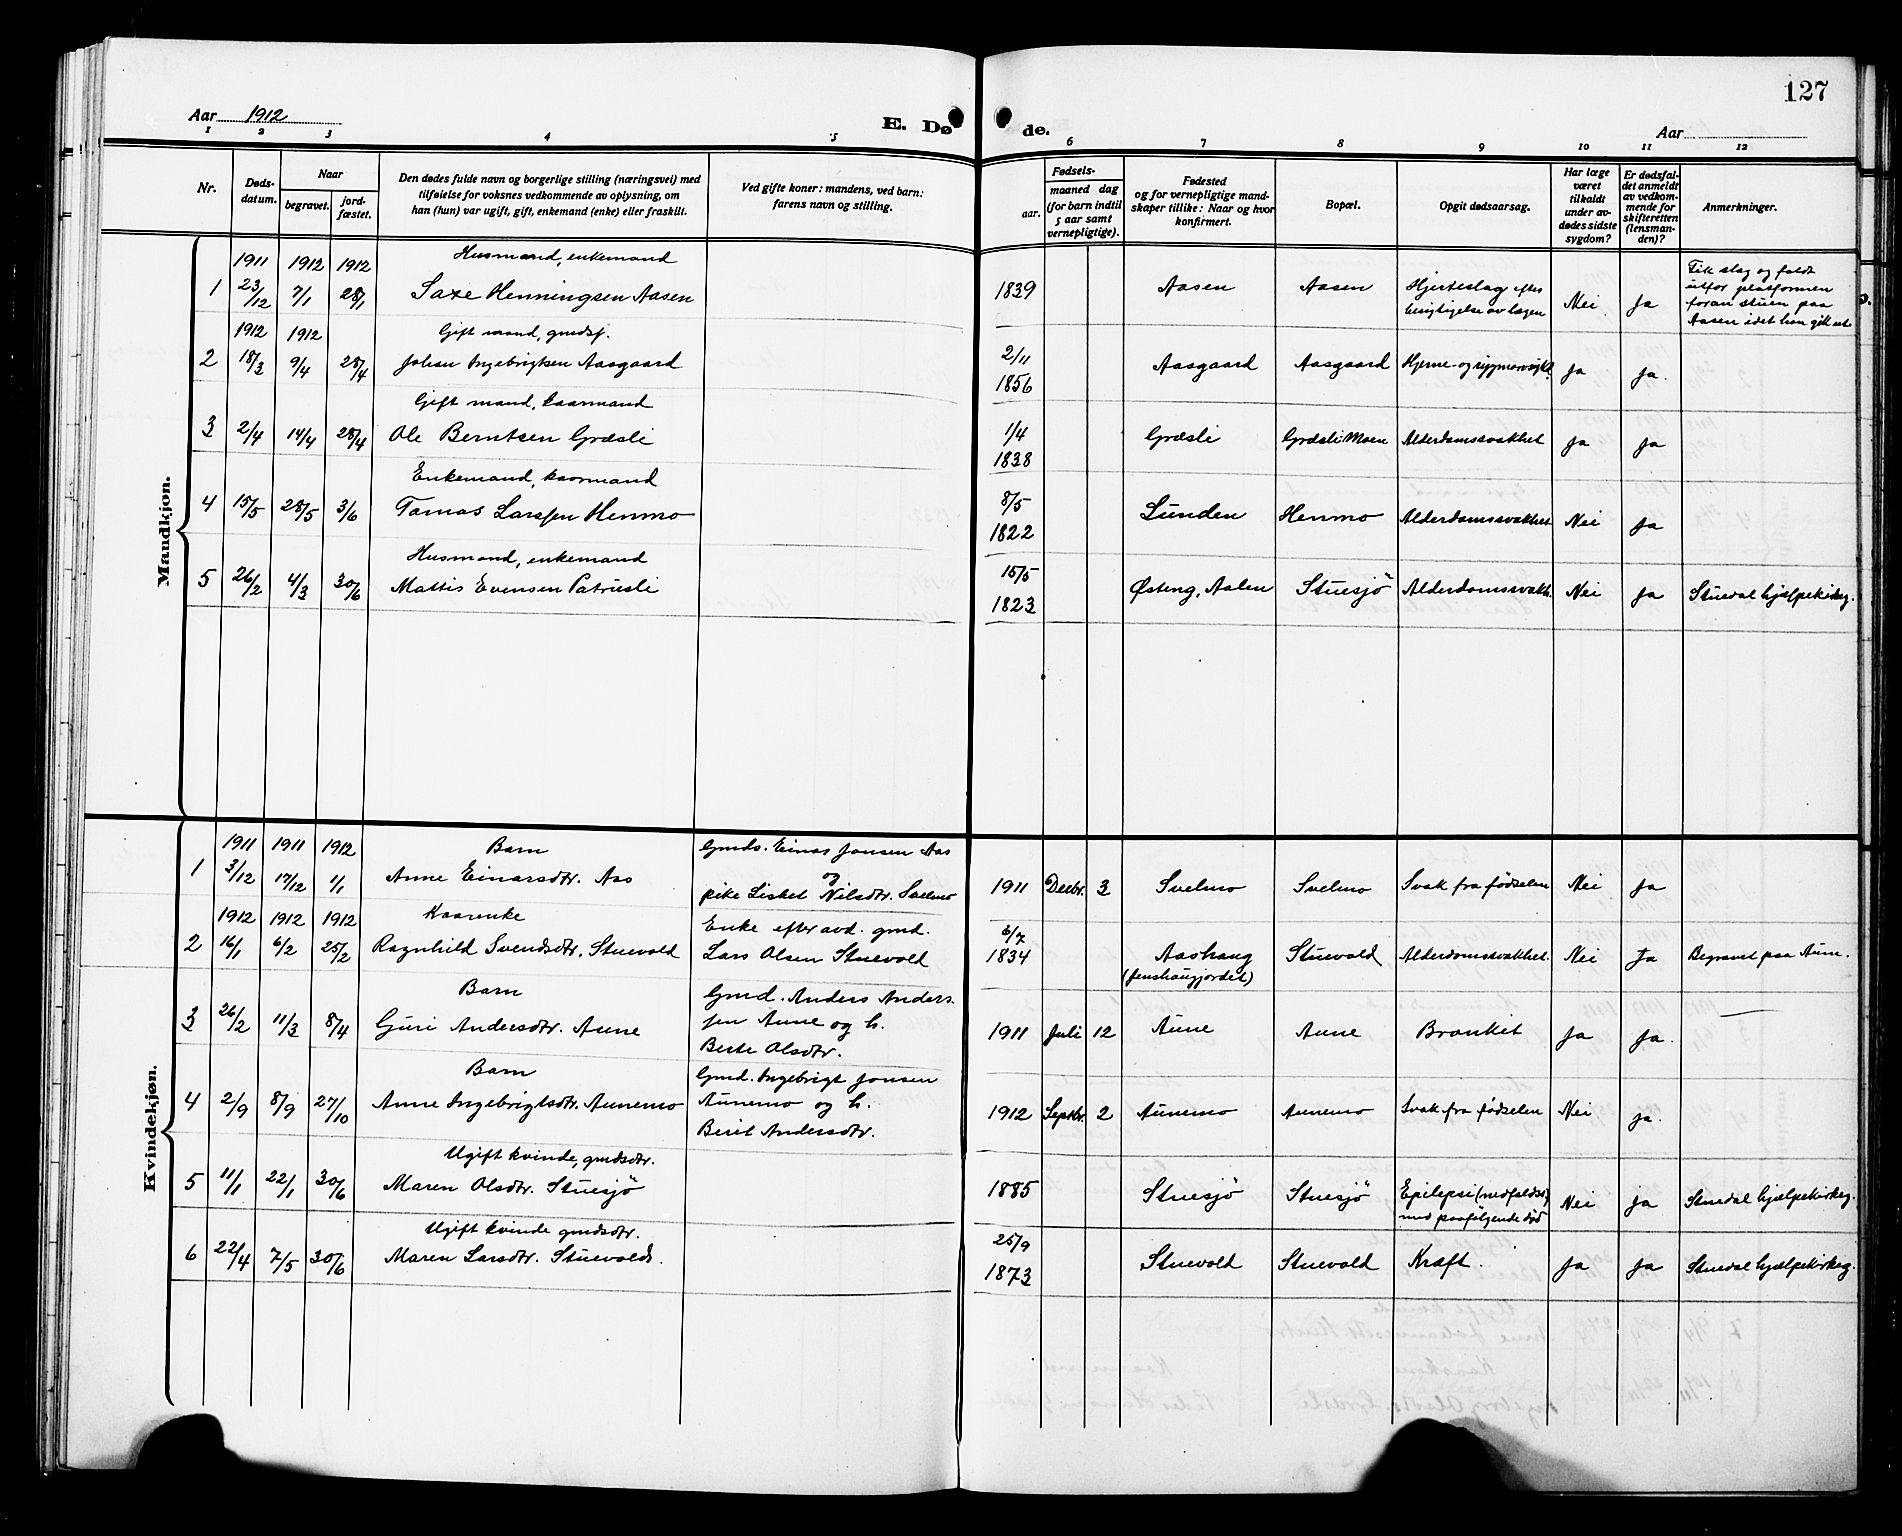 SAT, Ministerialprotokoller, klokkerbøker og fødselsregistre - Sør-Trøndelag, 698/L1168: Klokkerbok nr. 698C05, 1908-1930, s. 127